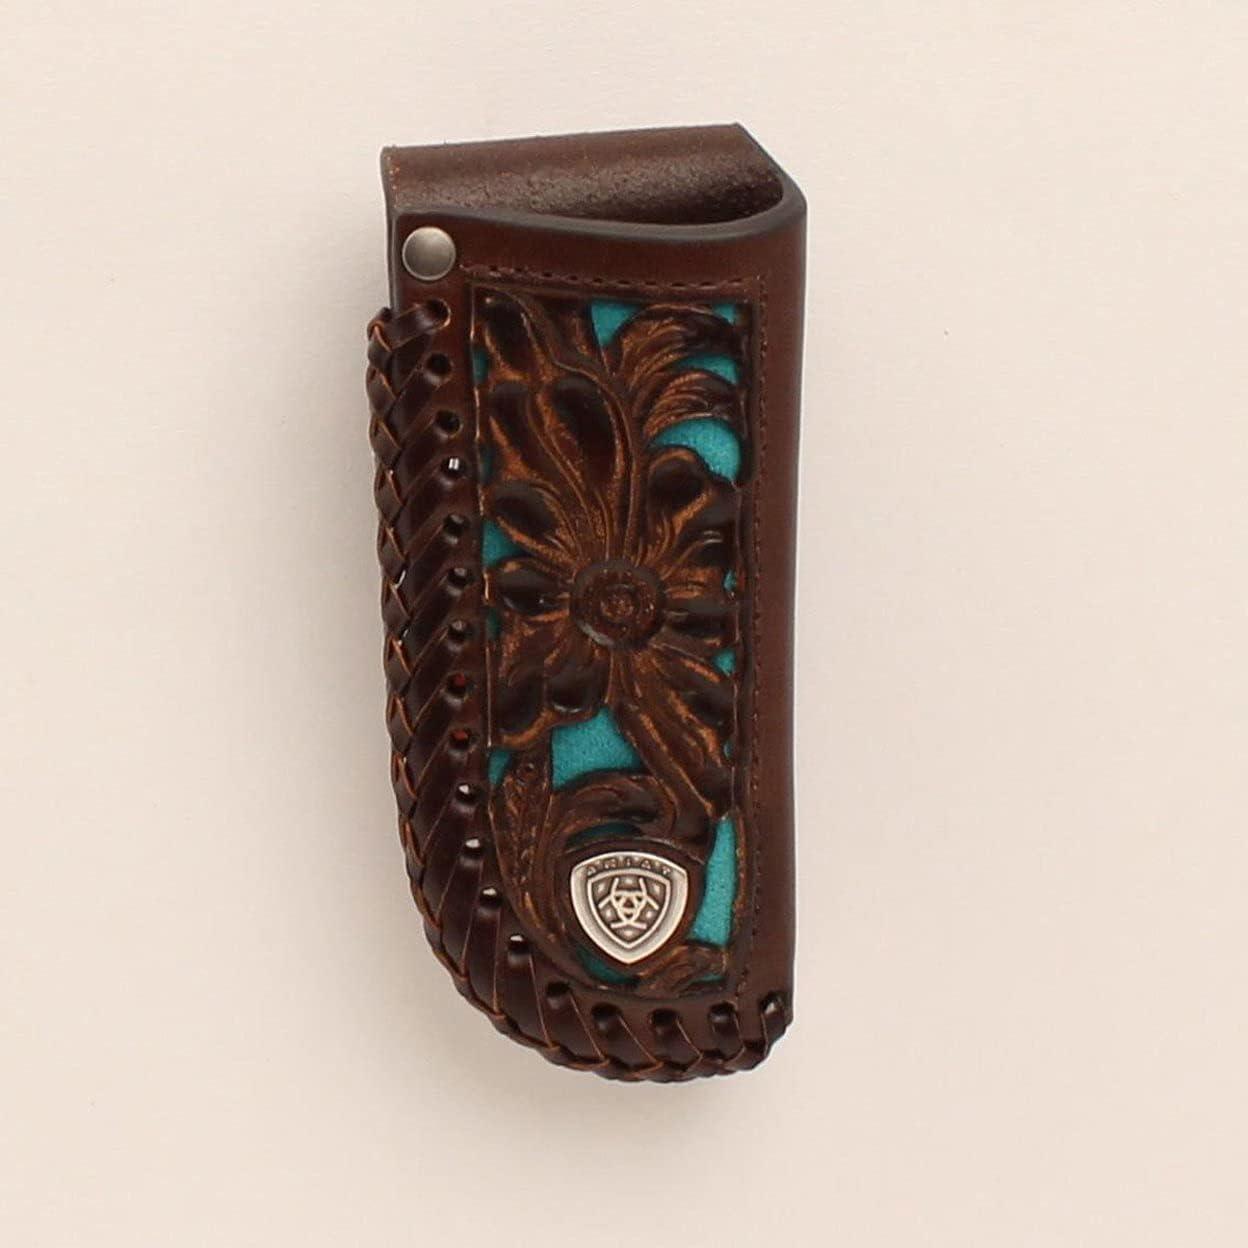 Ariat Leather Turquoise Award Inlay Sheath - Indefinitely Knife